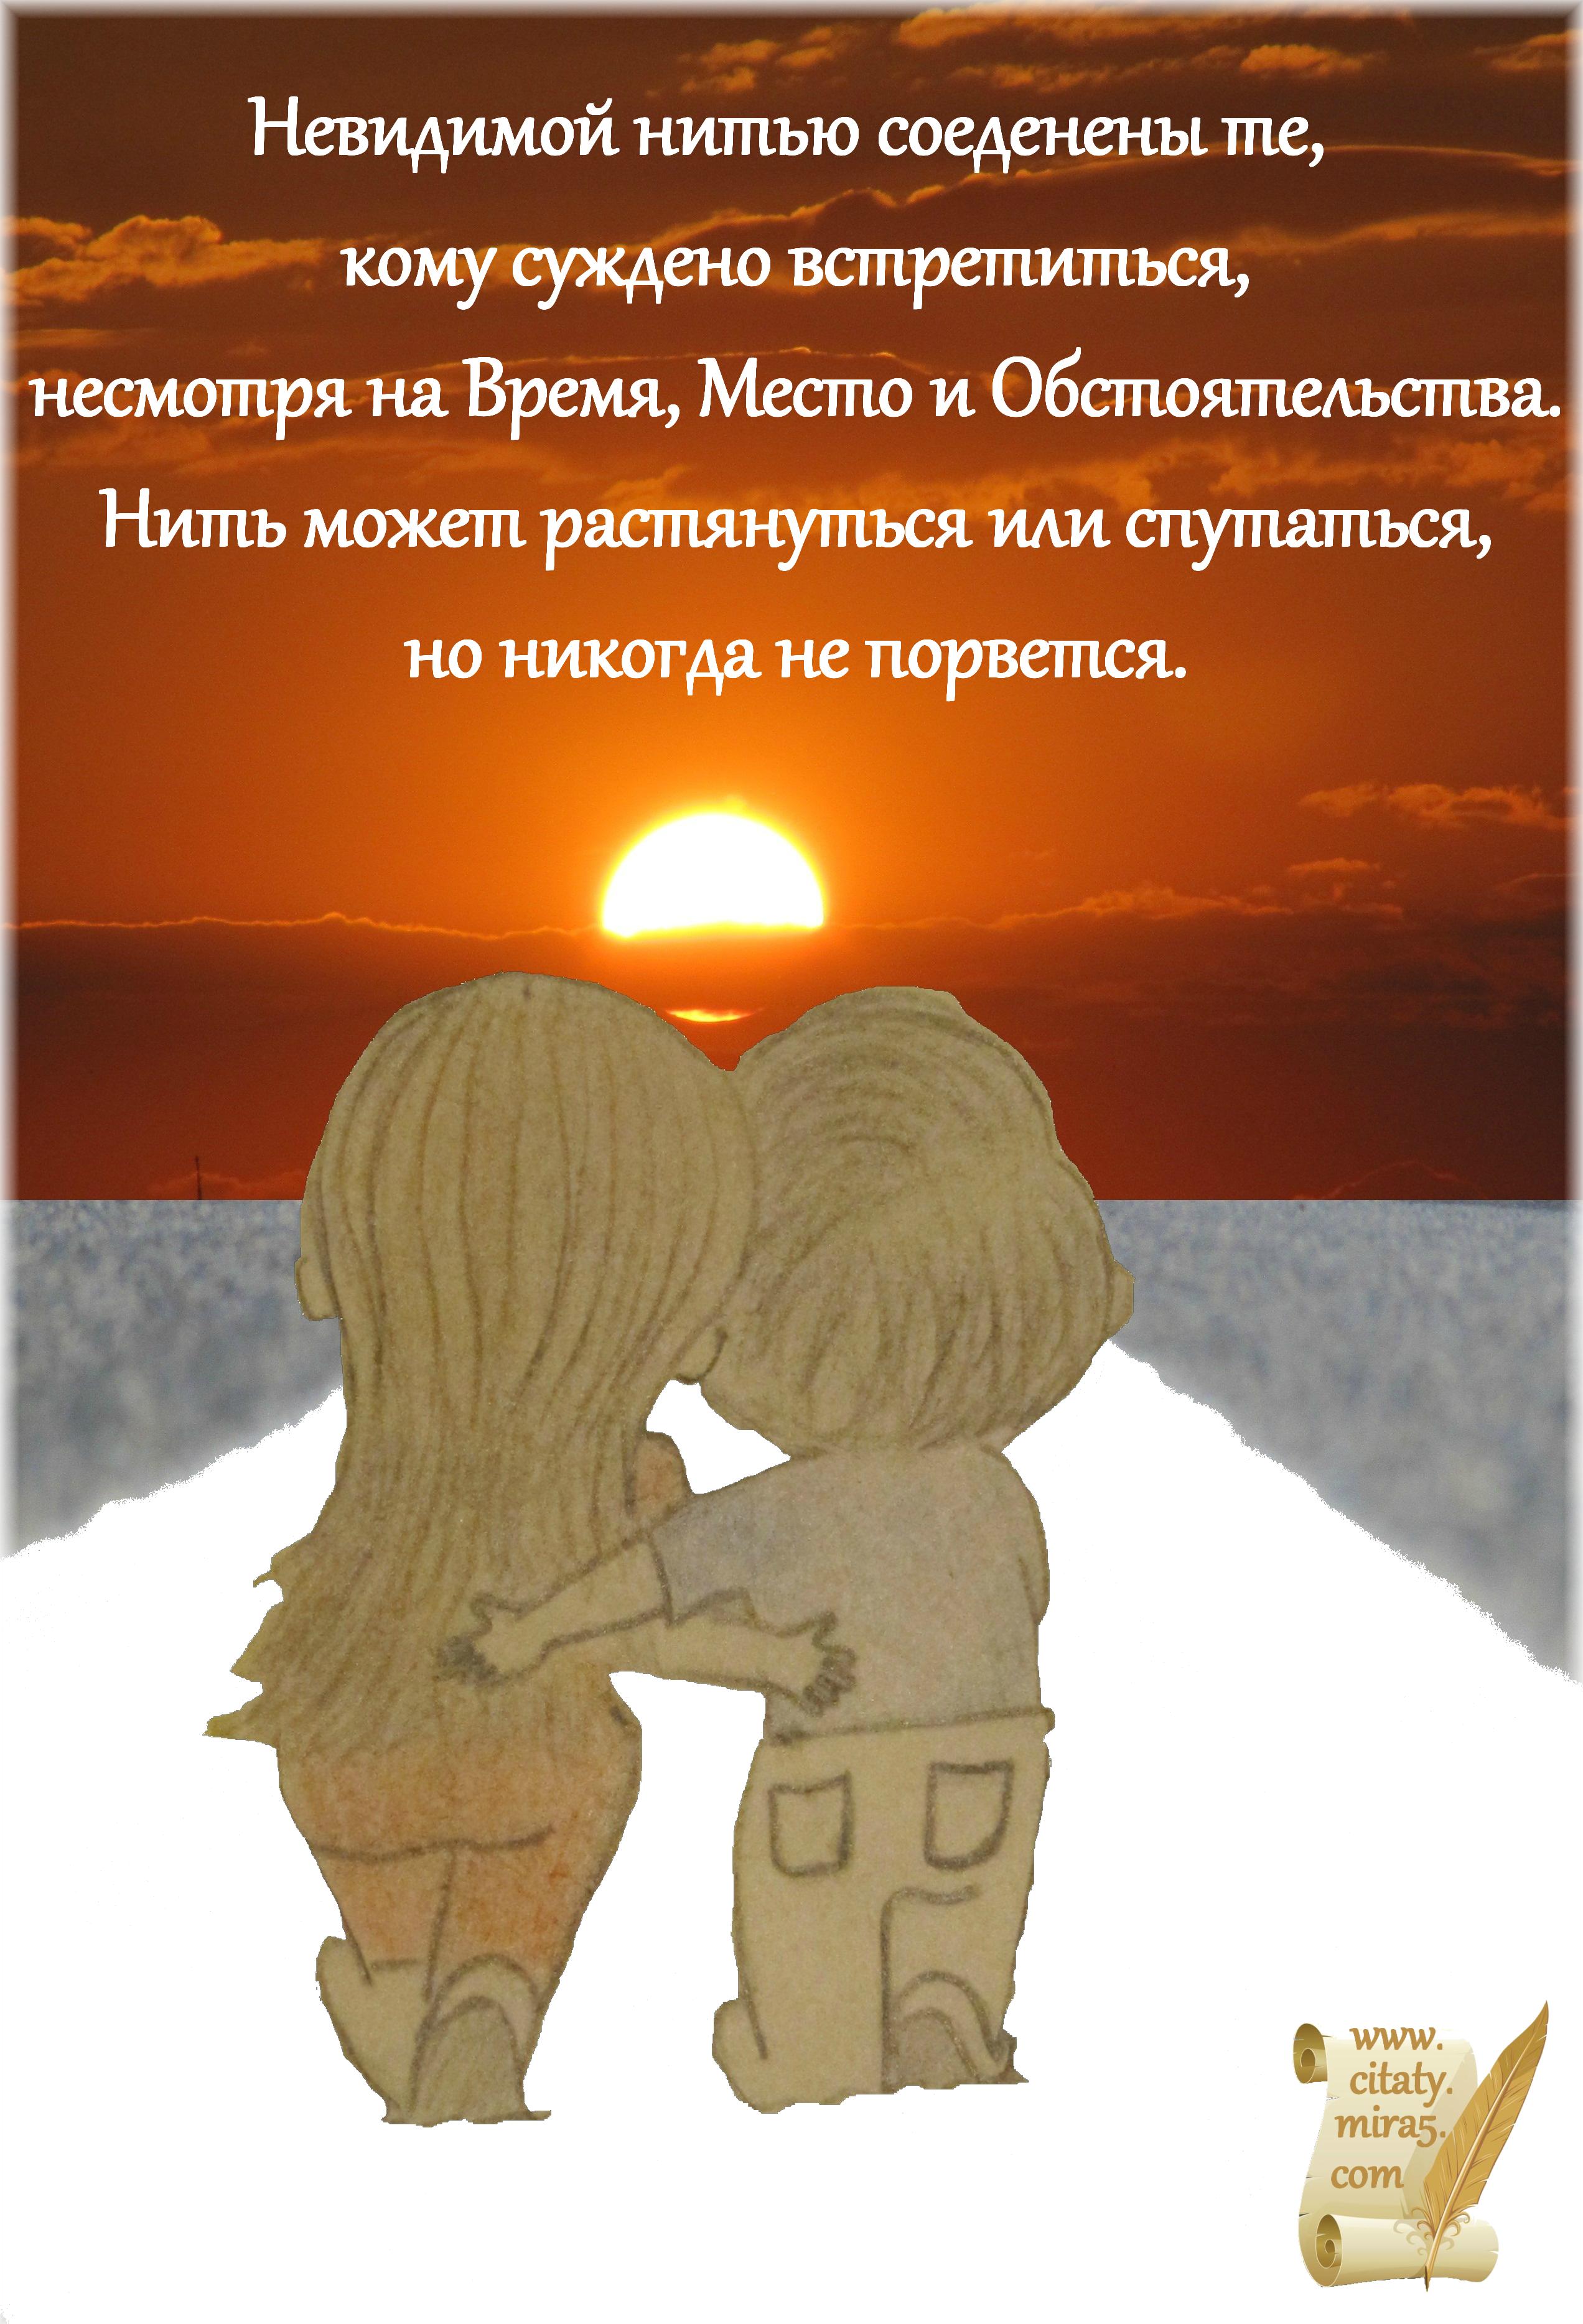 citata love